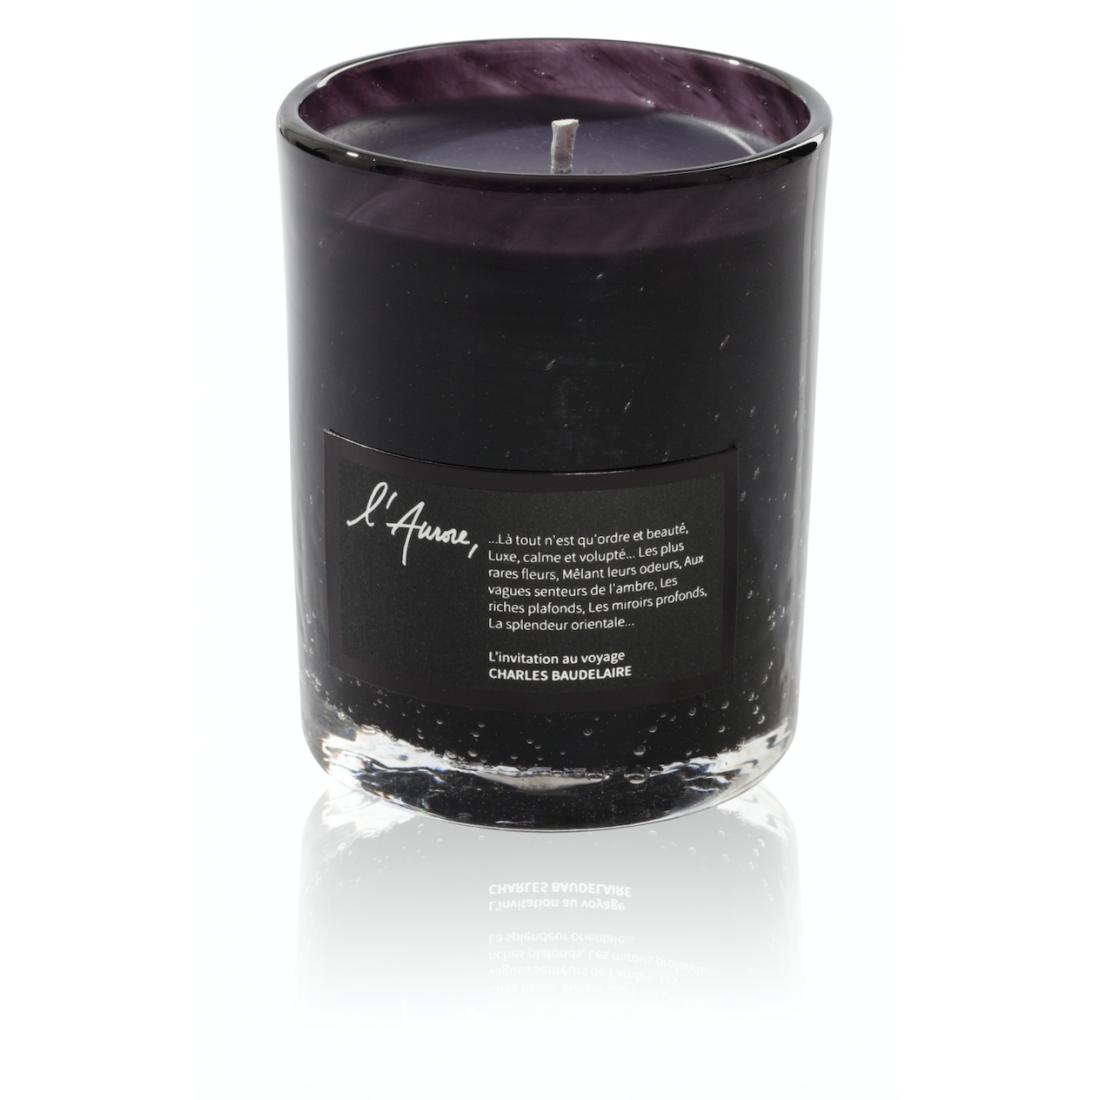 Bougies Ligne Noire (Pack de 15 bougies)